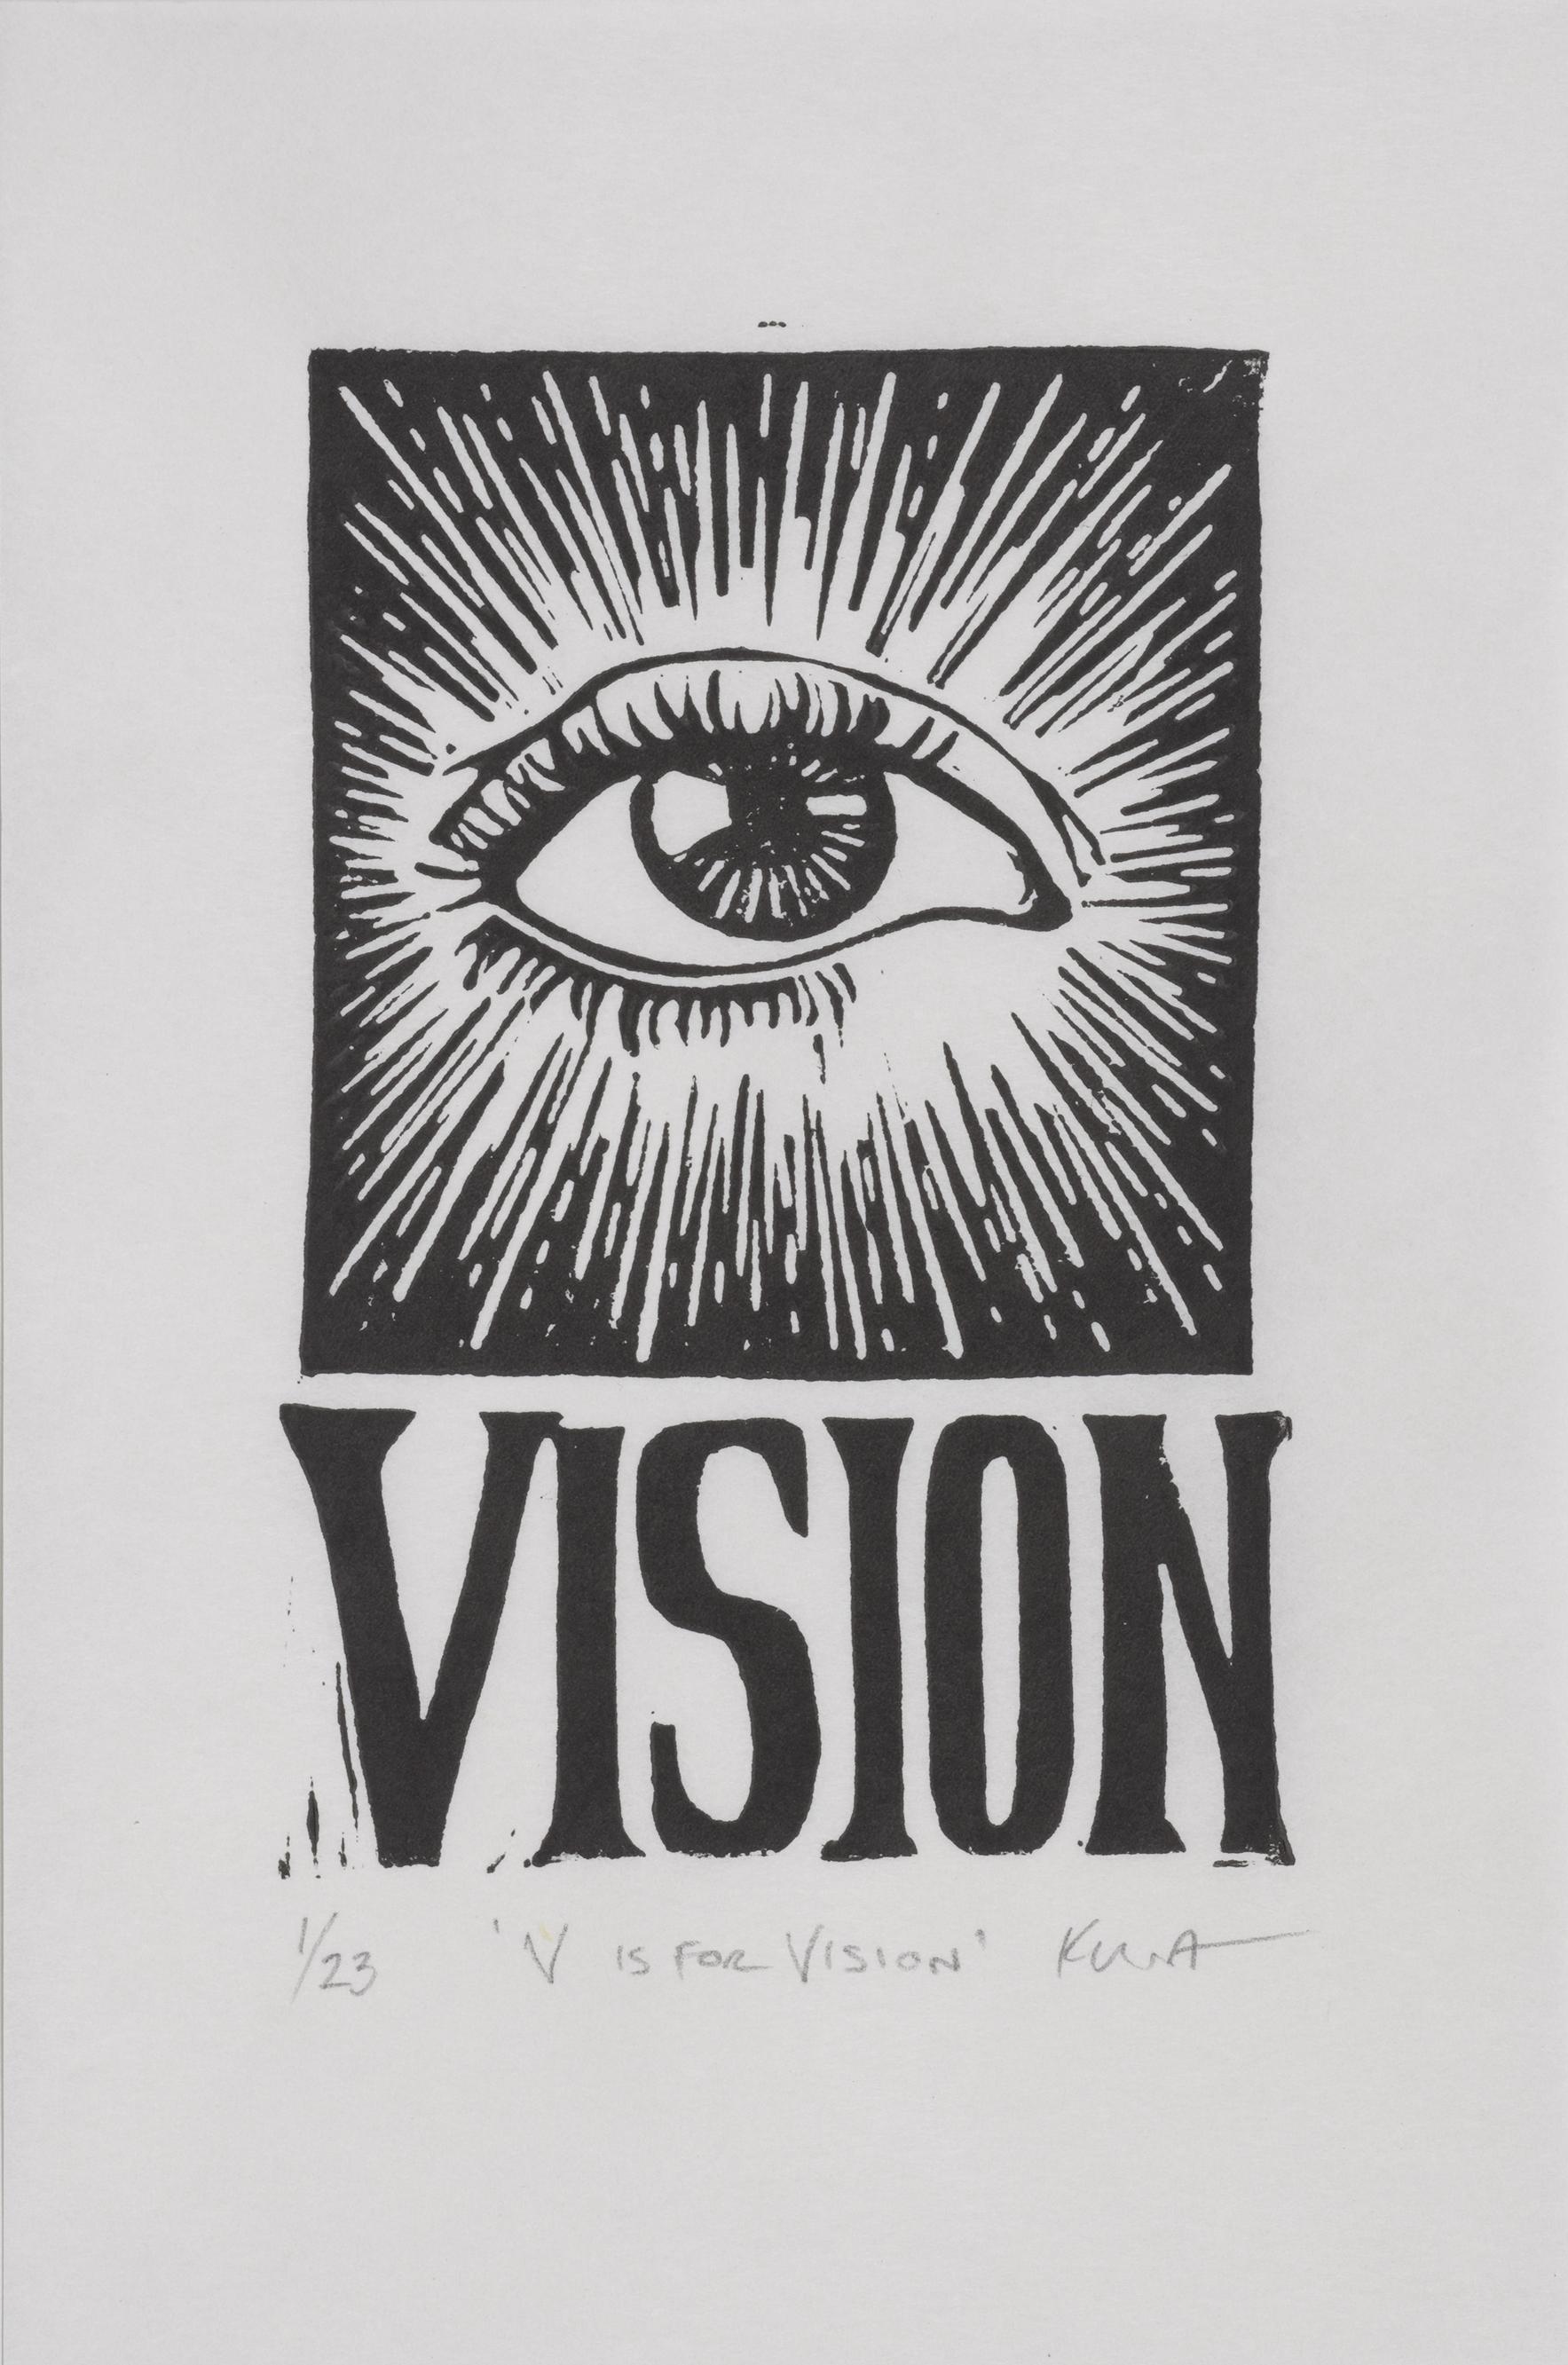 V is for Vision